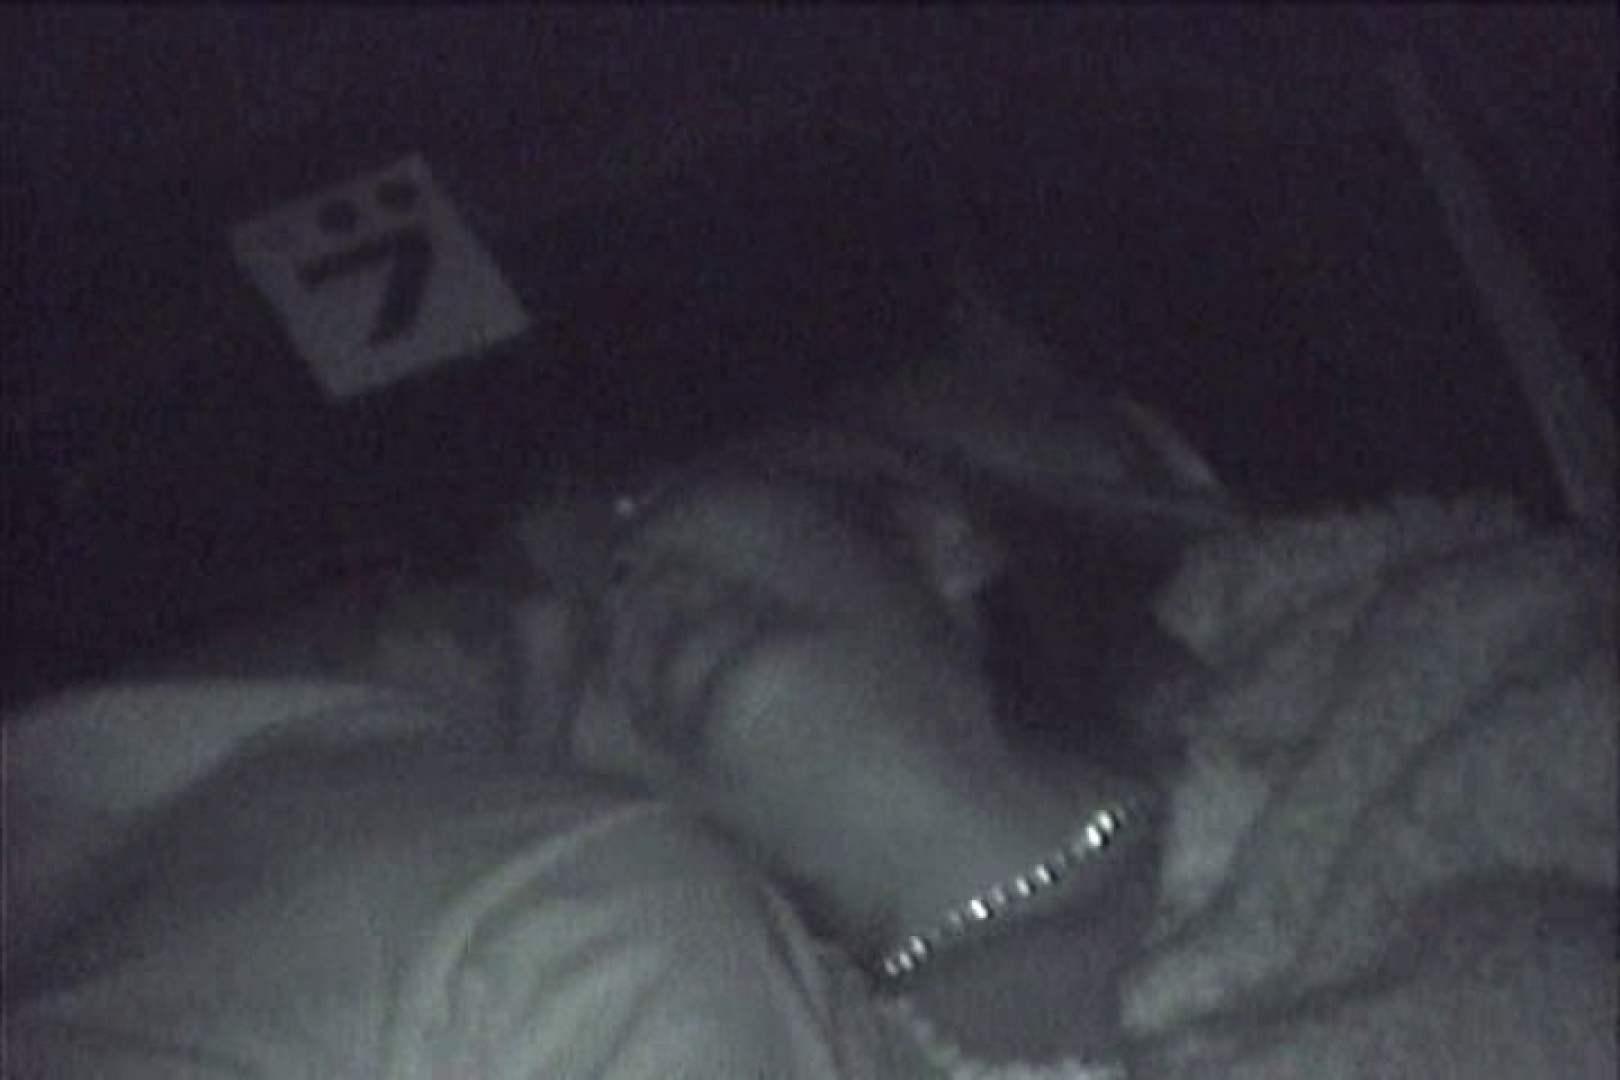 車の中はラブホテル 無修正版  Vol.21 ホテル 盗撮AV動画キャプチャ 109画像 4